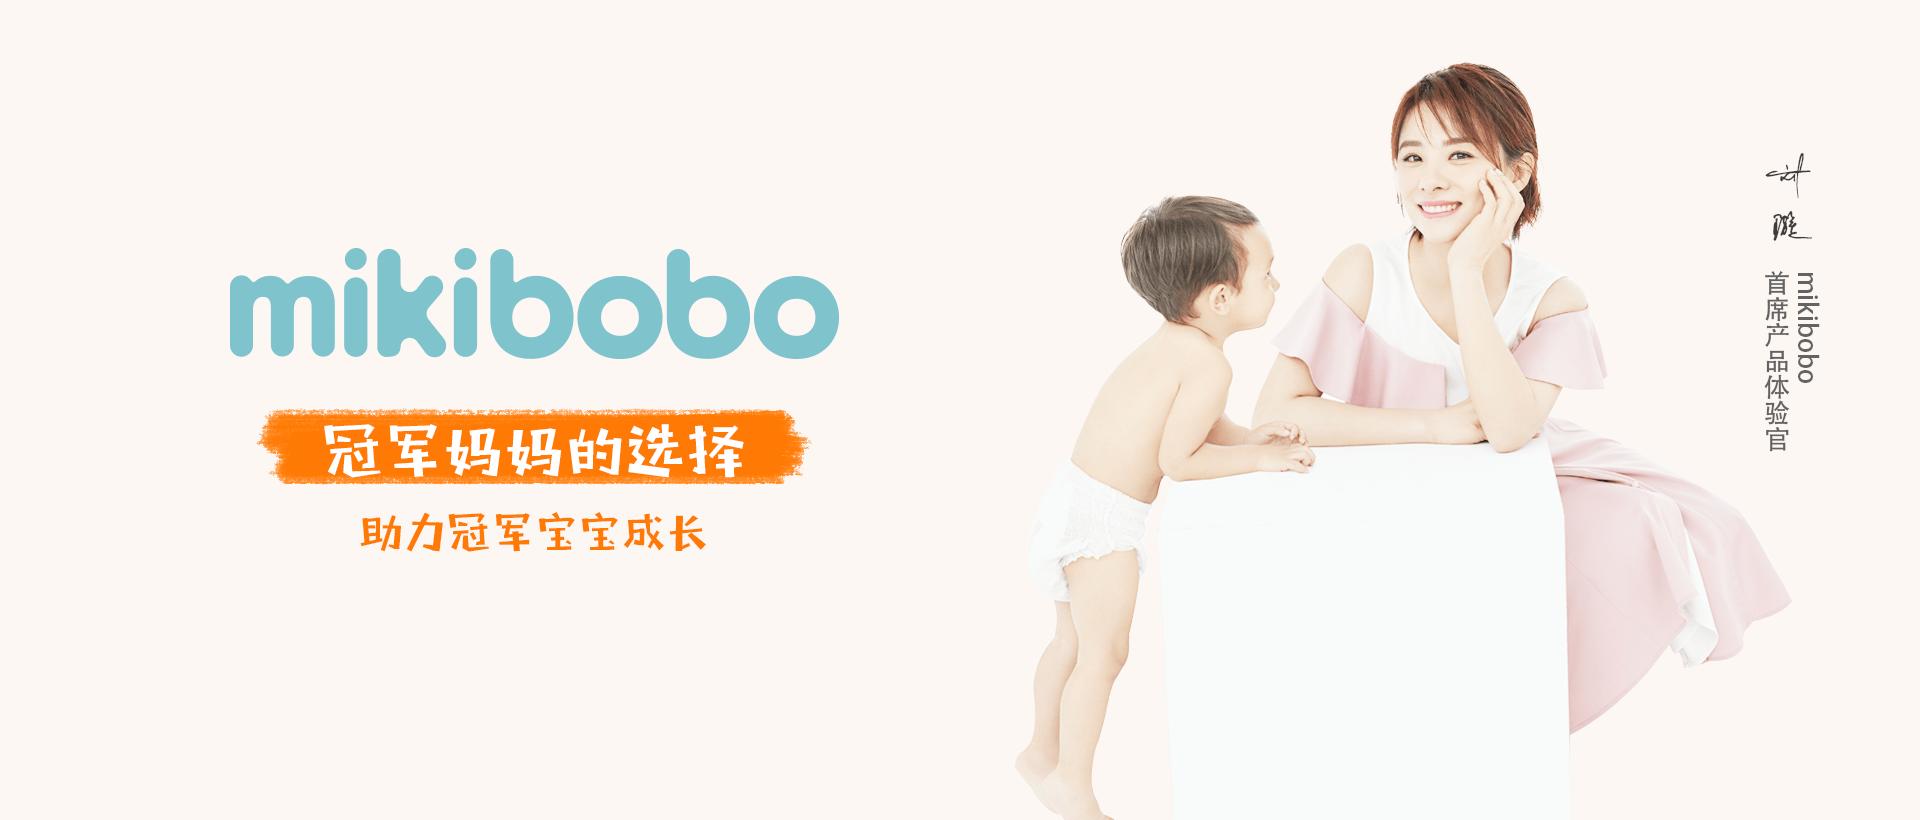 婴儿红屁股怎么办?选择mikibobo米奇啵啵纸尿裤_od体育APP(图1)